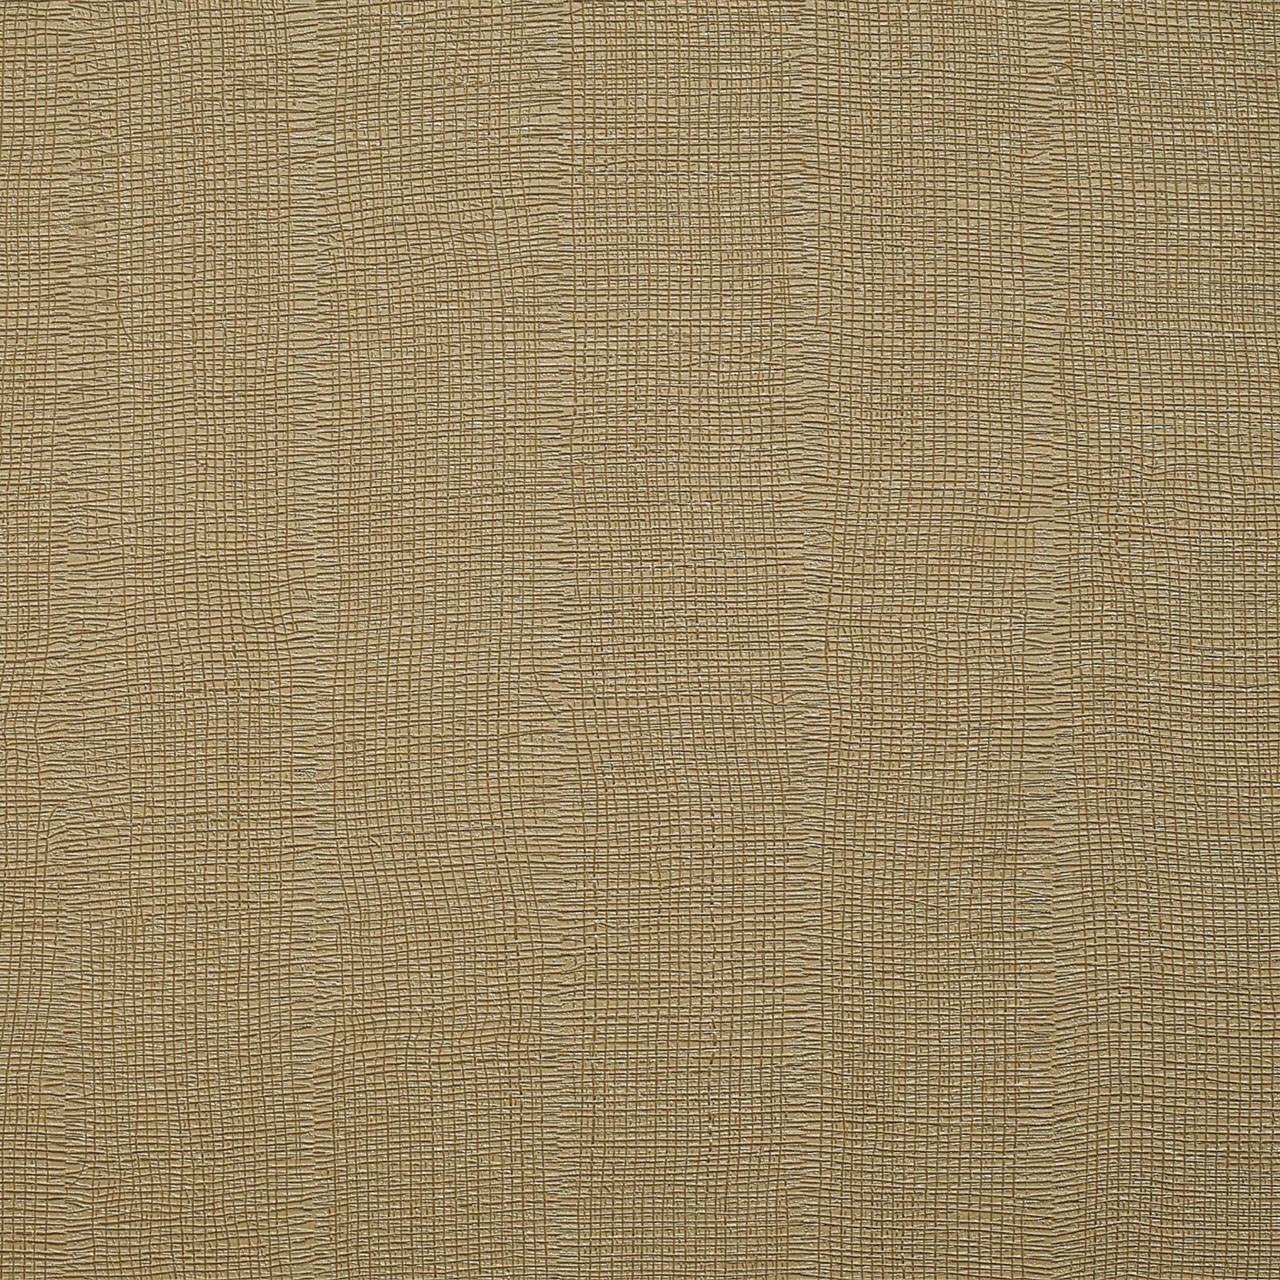 کاغذ دیواری داموس پاراتی میلانو آلبوم گرین کازا 3 مدل 44701